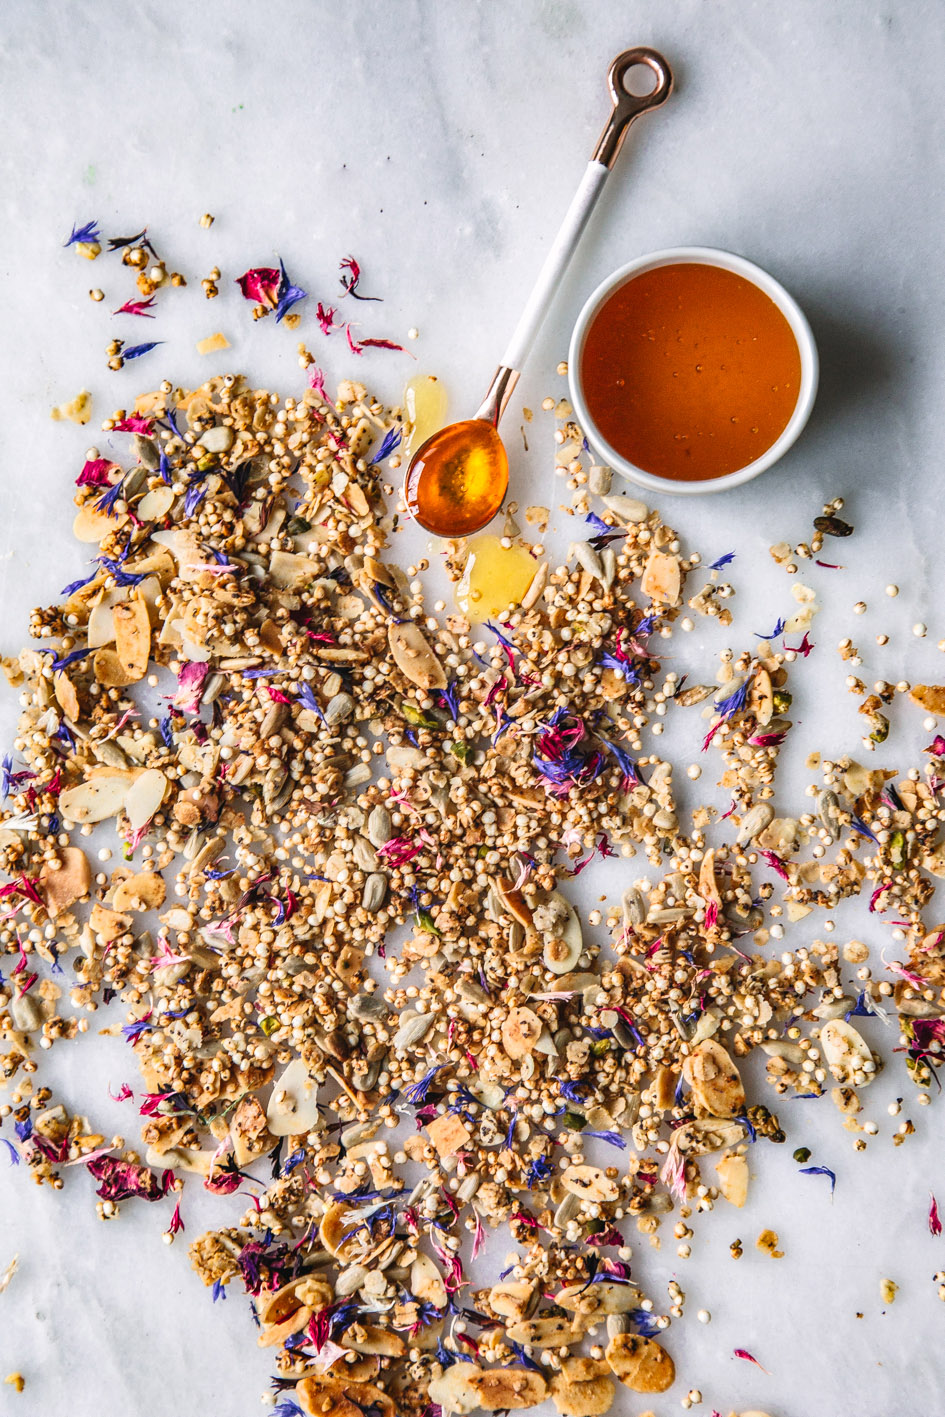 Frühlingshaftes Granola mit essbaren Blüten und Honig